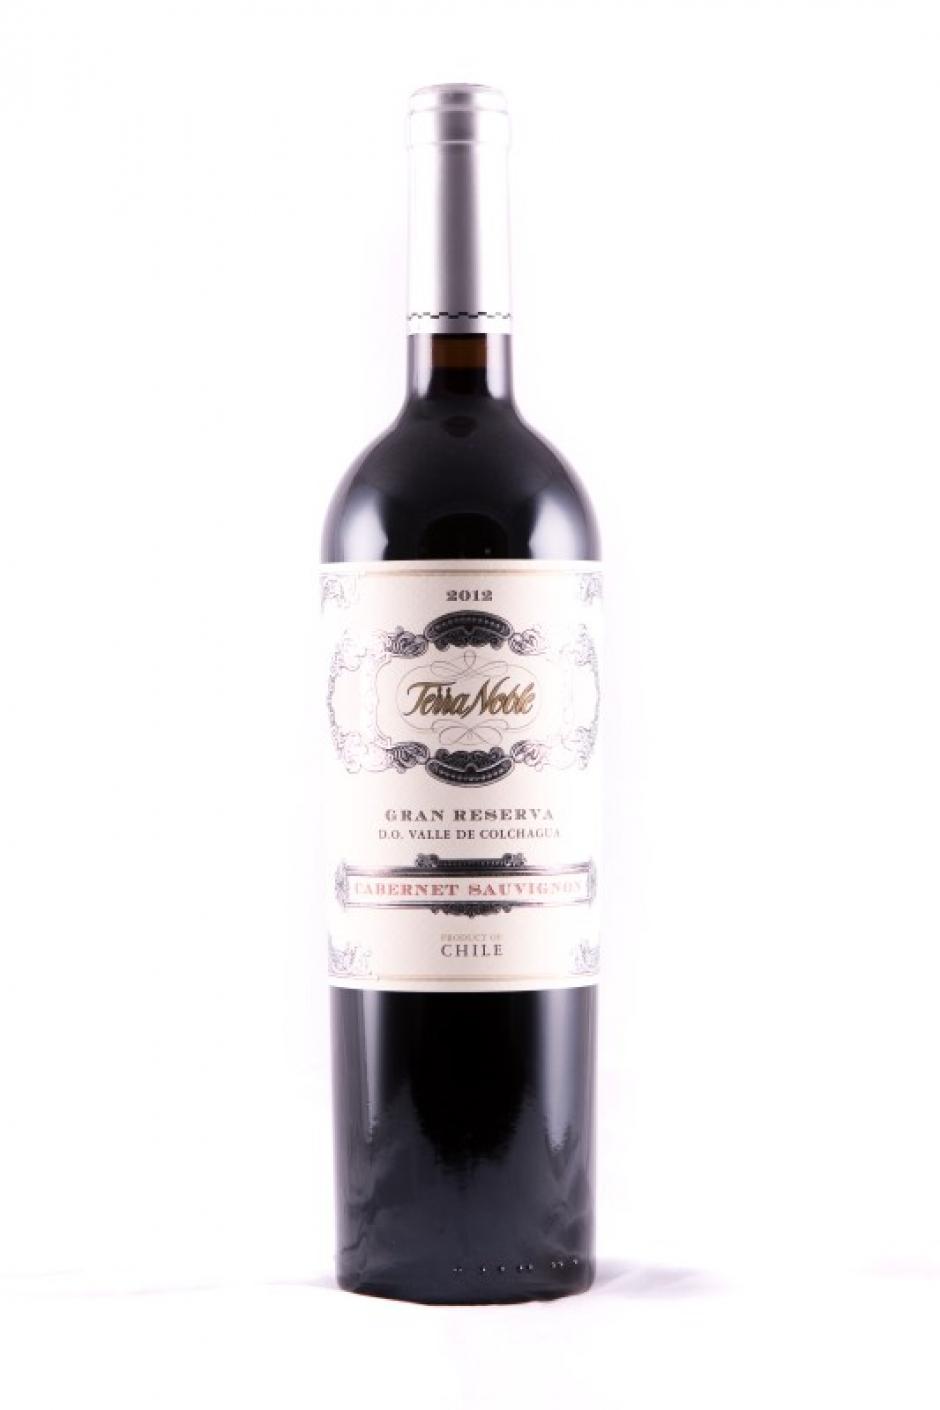 Naast Franse wijnen kan je bij wijnhandel Neyt dan ook een mooie selectie wereldwijnen vinden uit alle hoeken van de aarde.